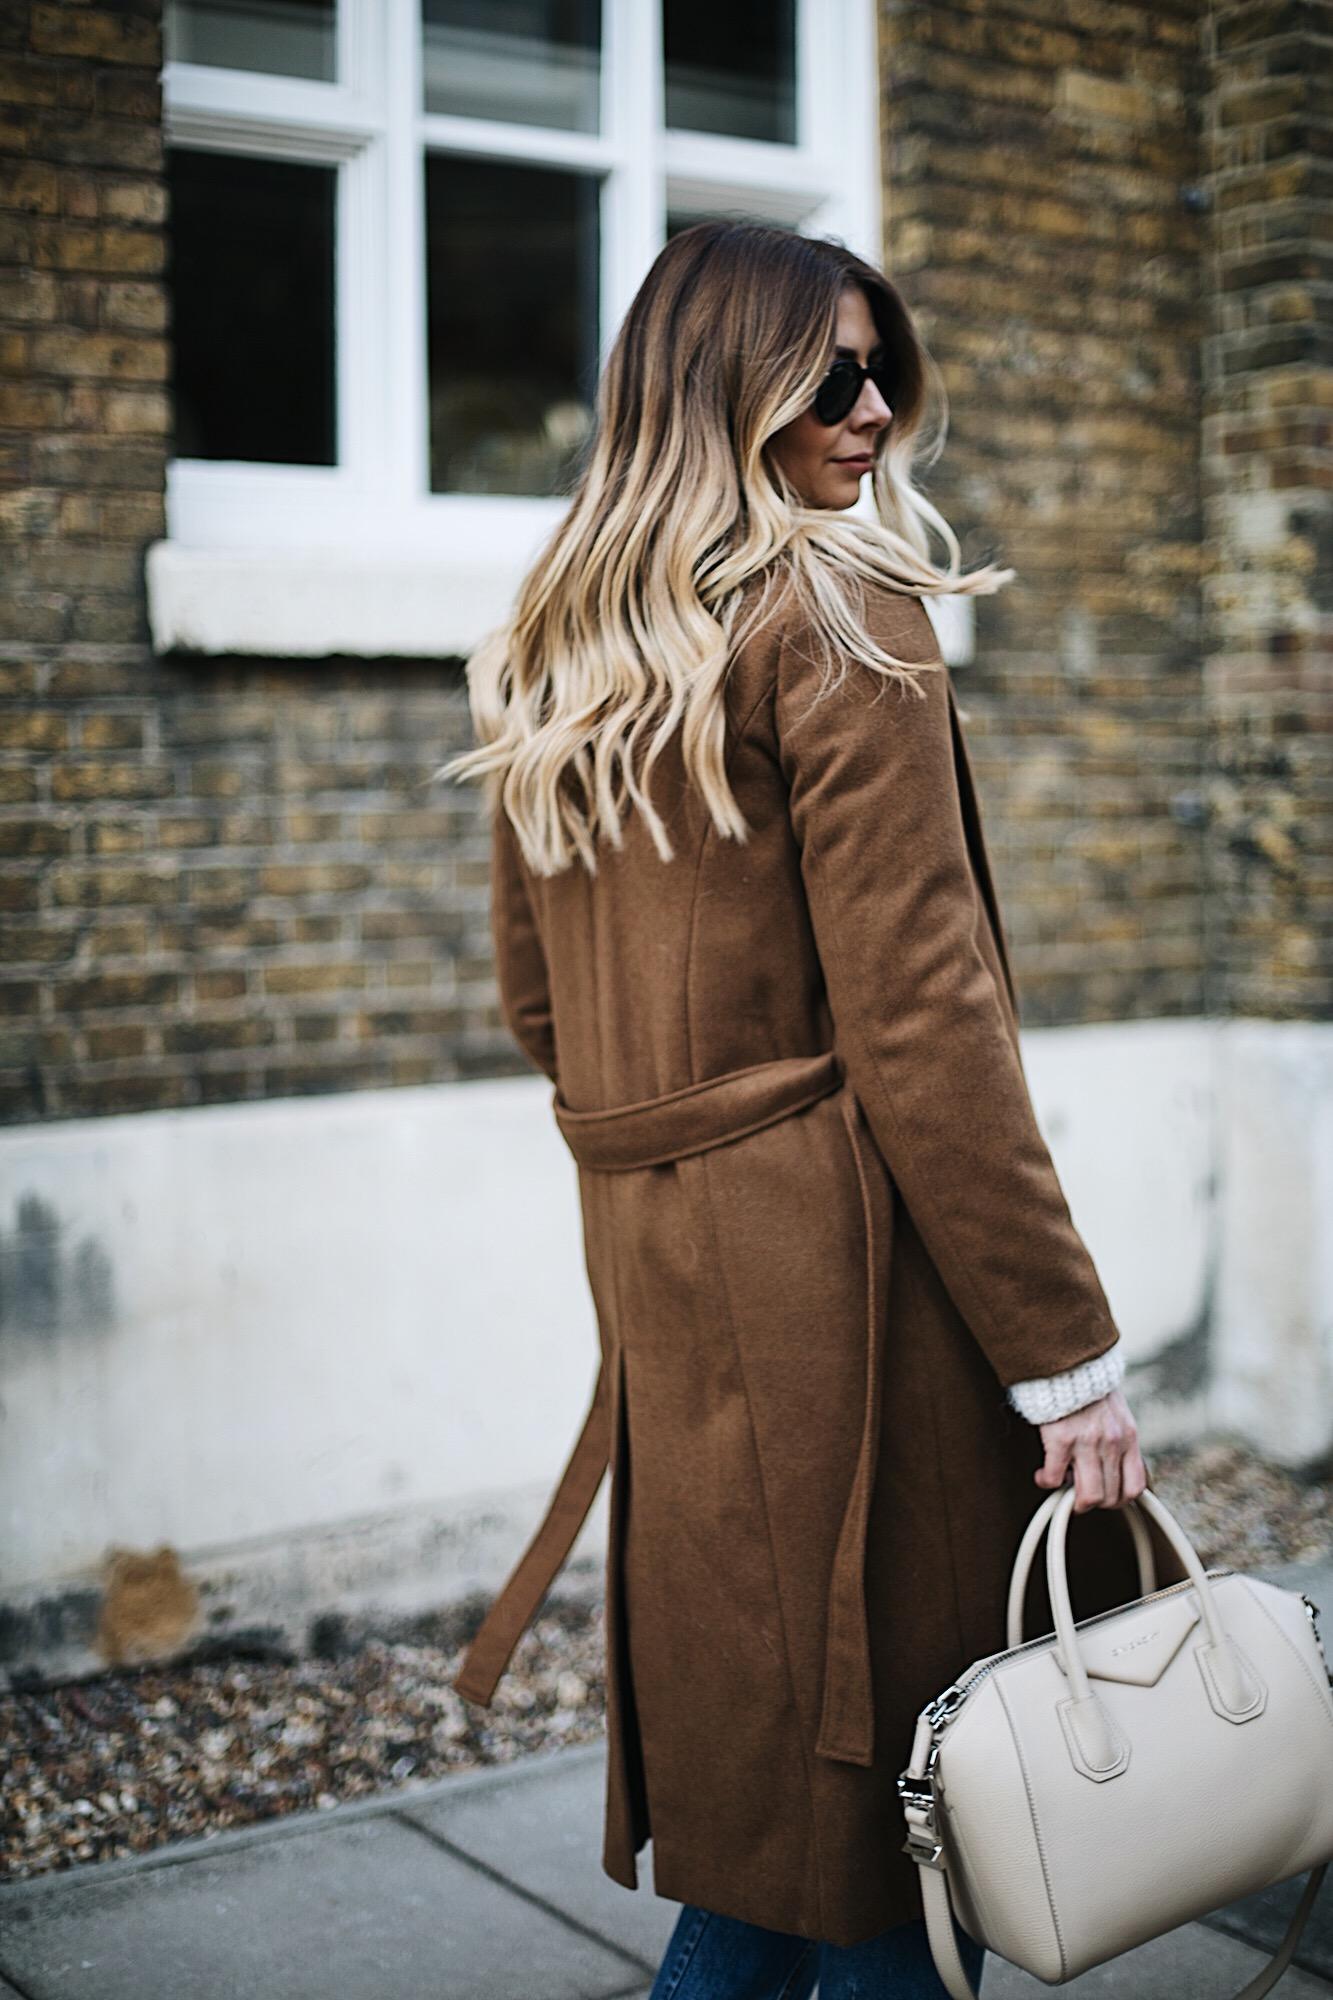 Tan belted coat, long blonde balayage hair